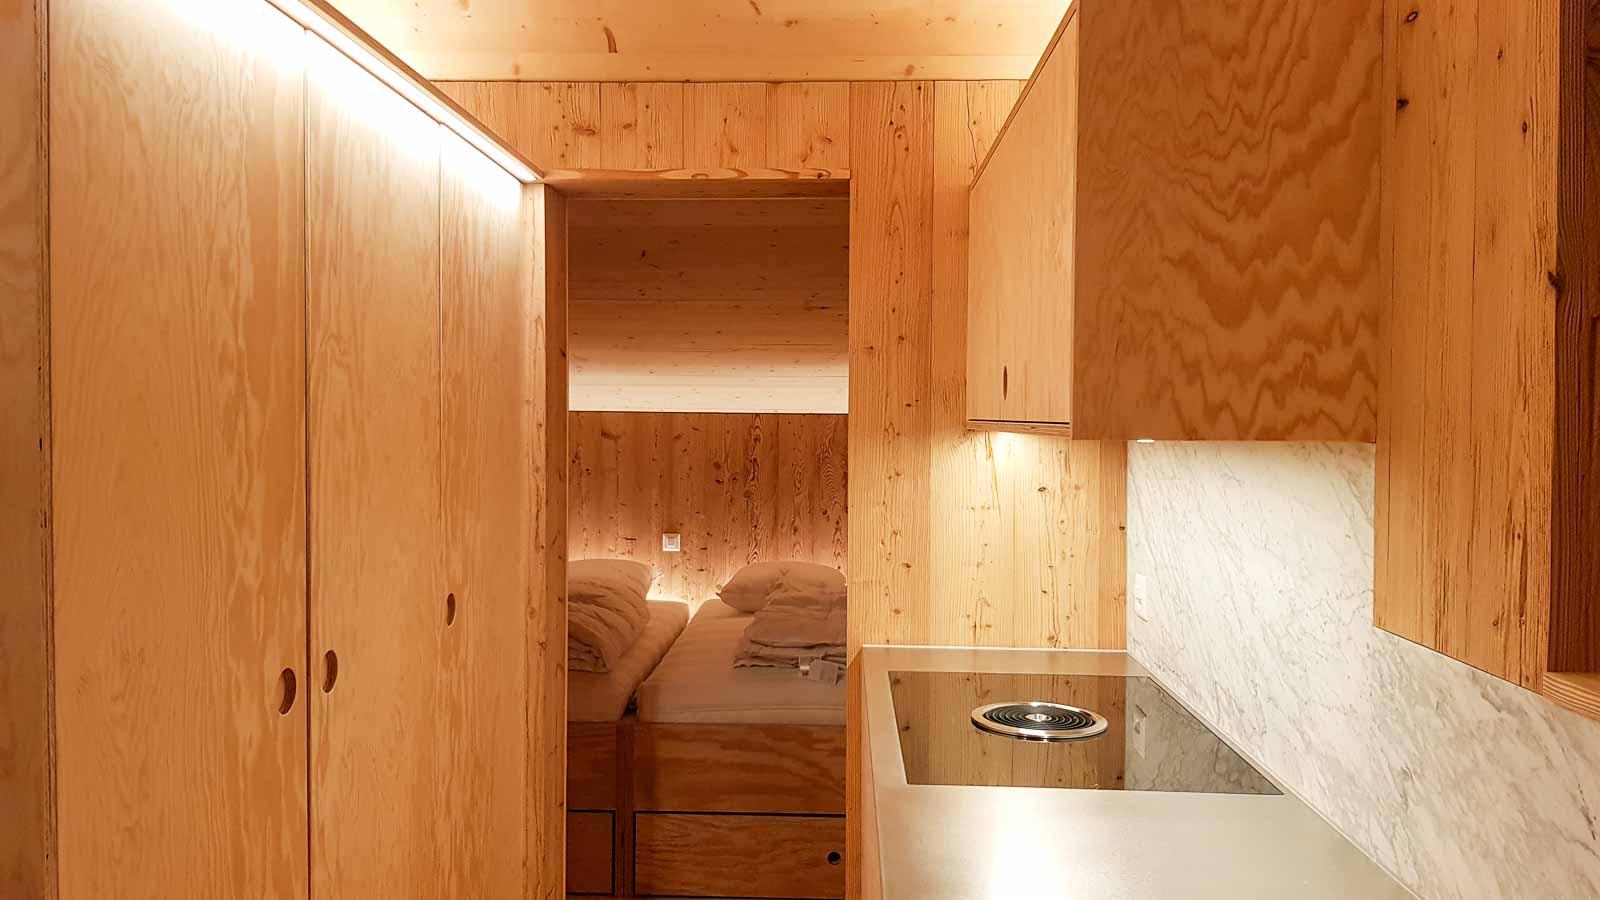 Wooddesign_Holzdesign_Innenausbau Ferienhaus_Altholz_Ferienwohnung_Ferienchalet_Schwarzsee_ Umbau (24)